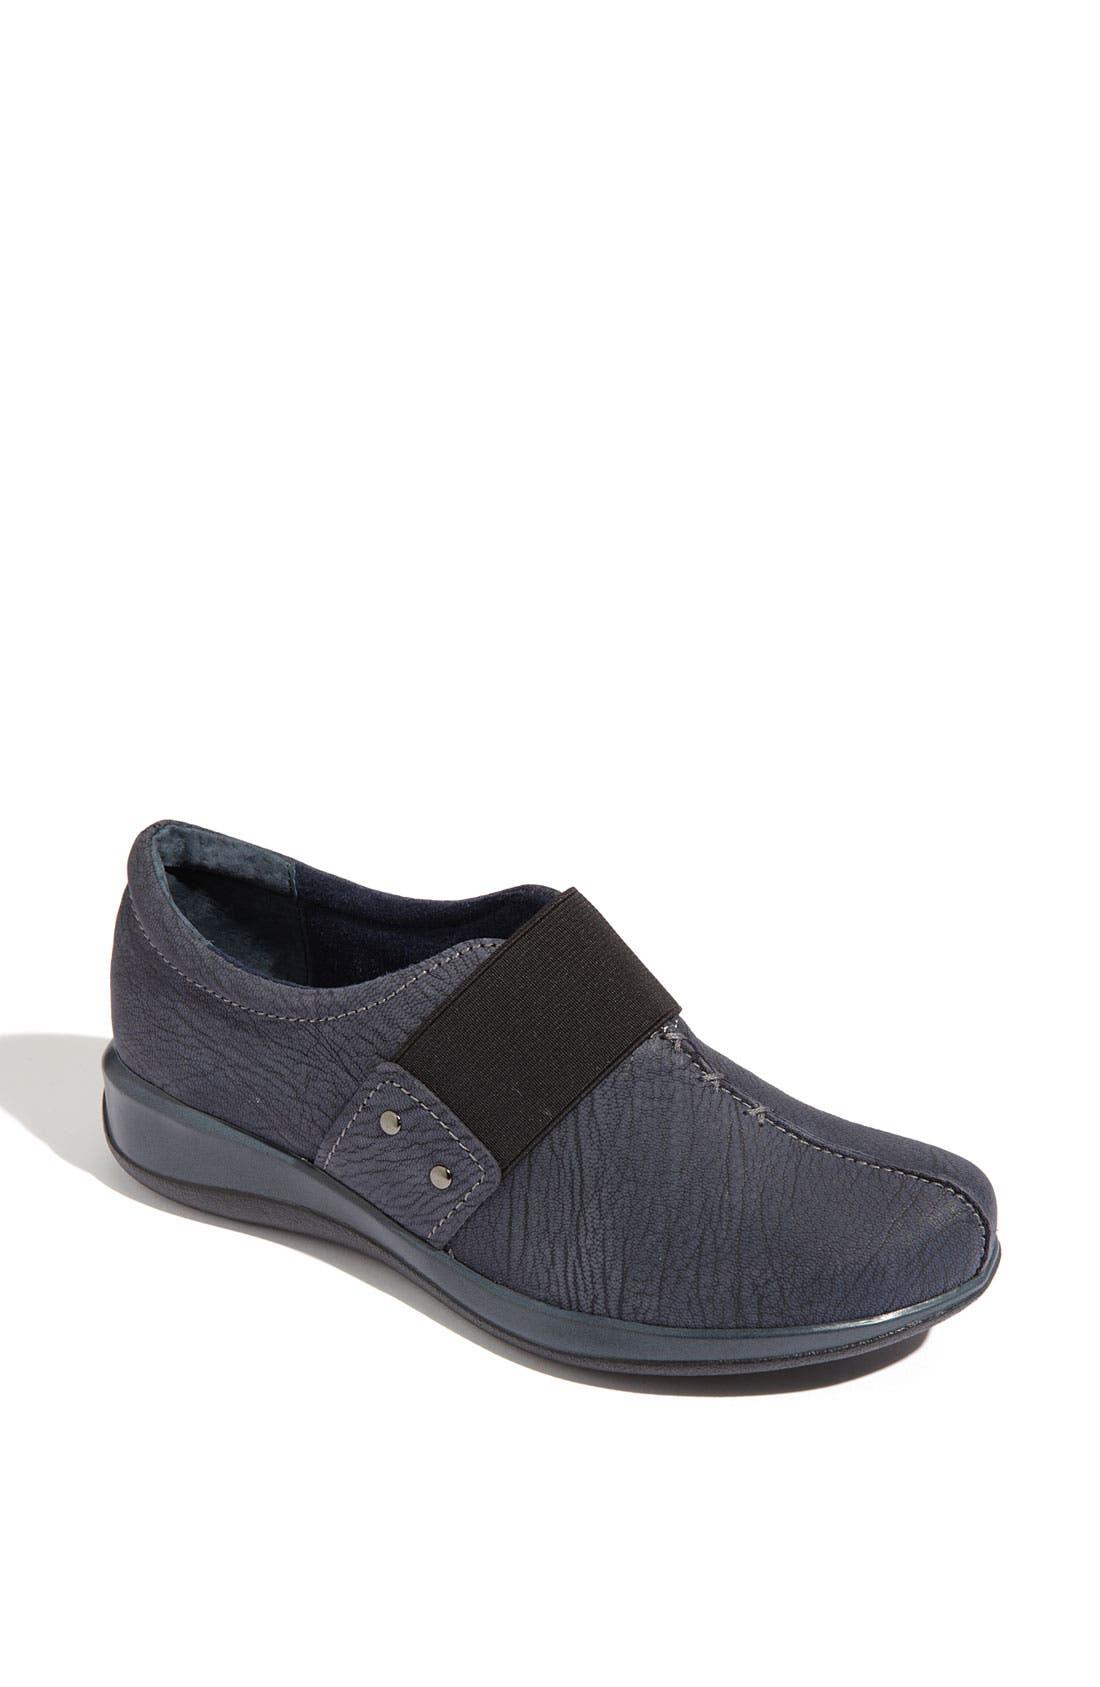 Alternate Image 1 Selected - SoftWalk® 'Tanner' Loafer